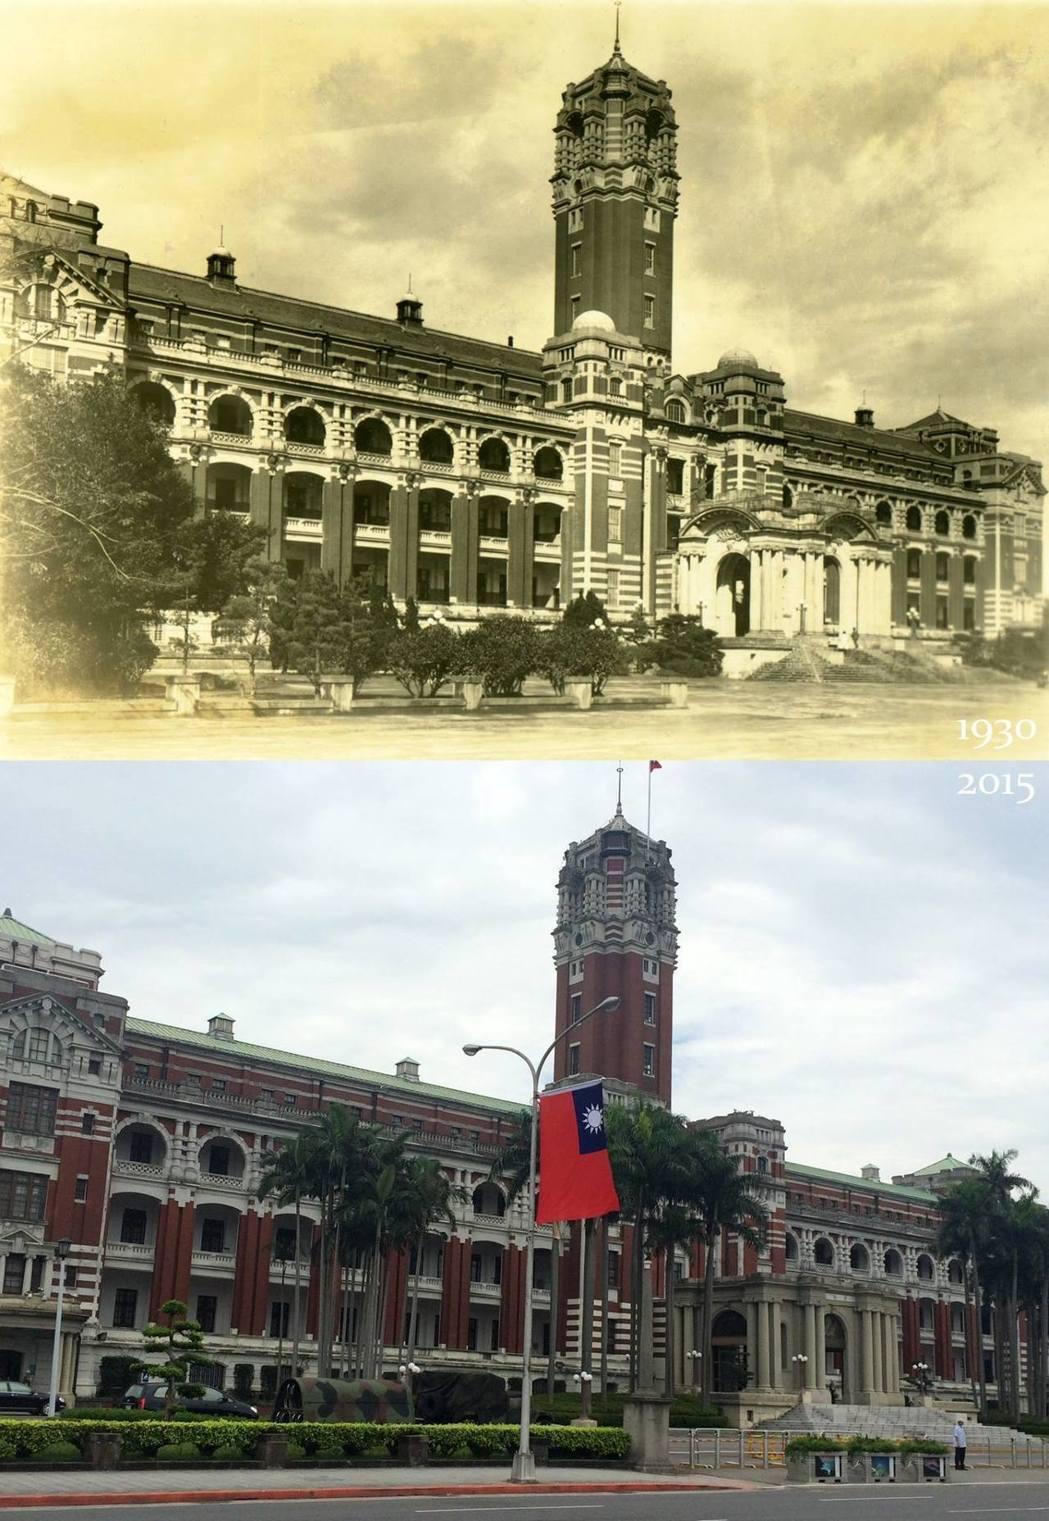 總統府主體平面呈現臥「日」字型,整棟建築佈滿了廊柱、山牆、拱廊及圓拱窗,堪稱日據...